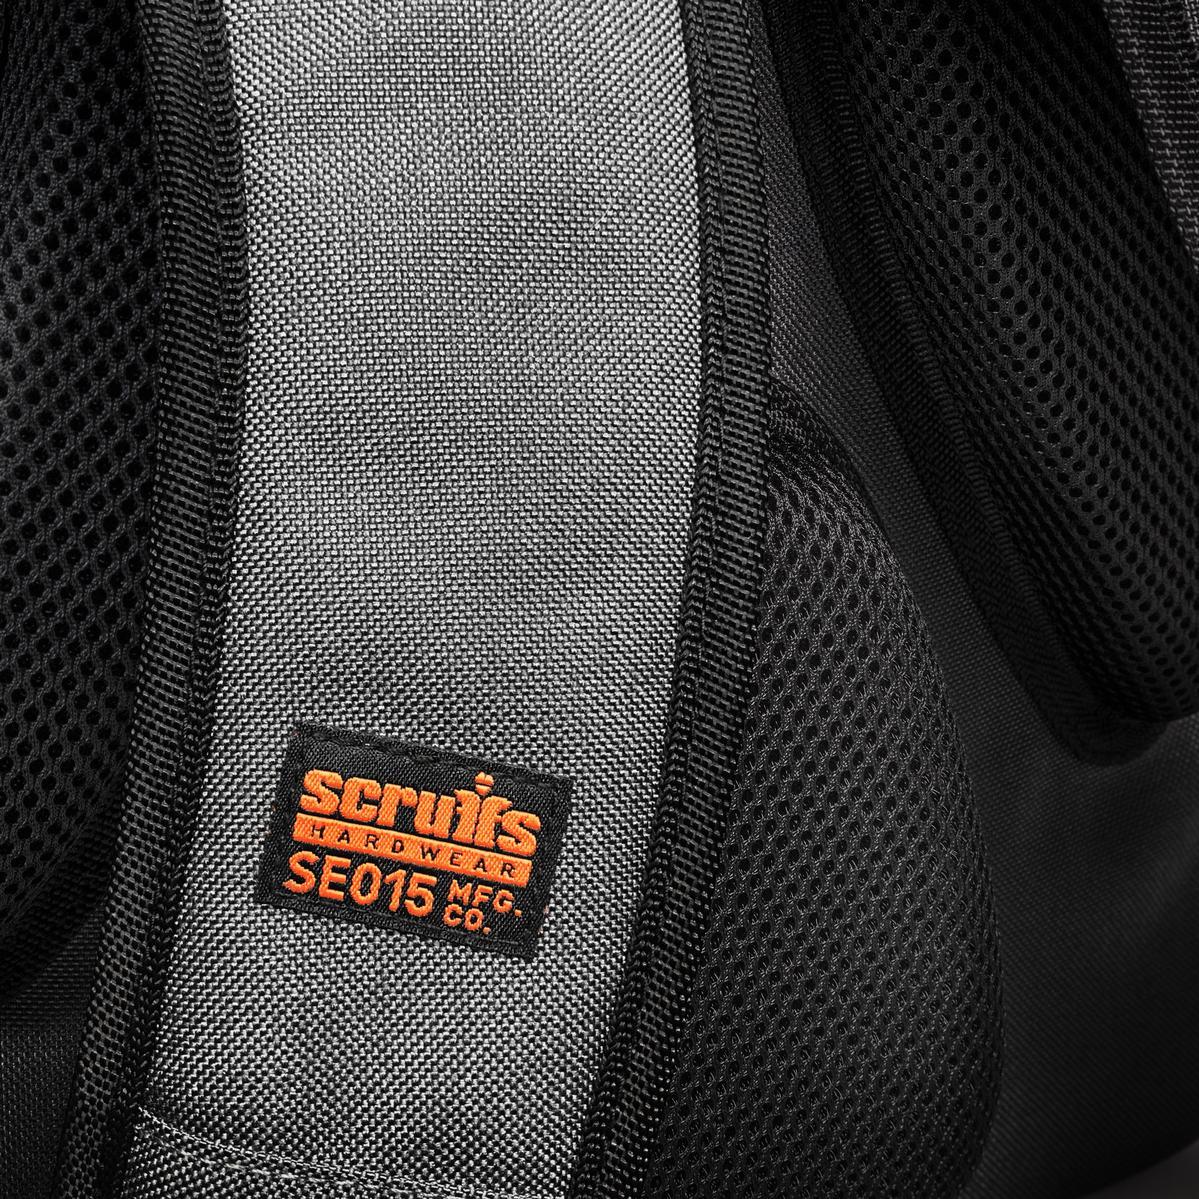 Scruffs Trade Pack